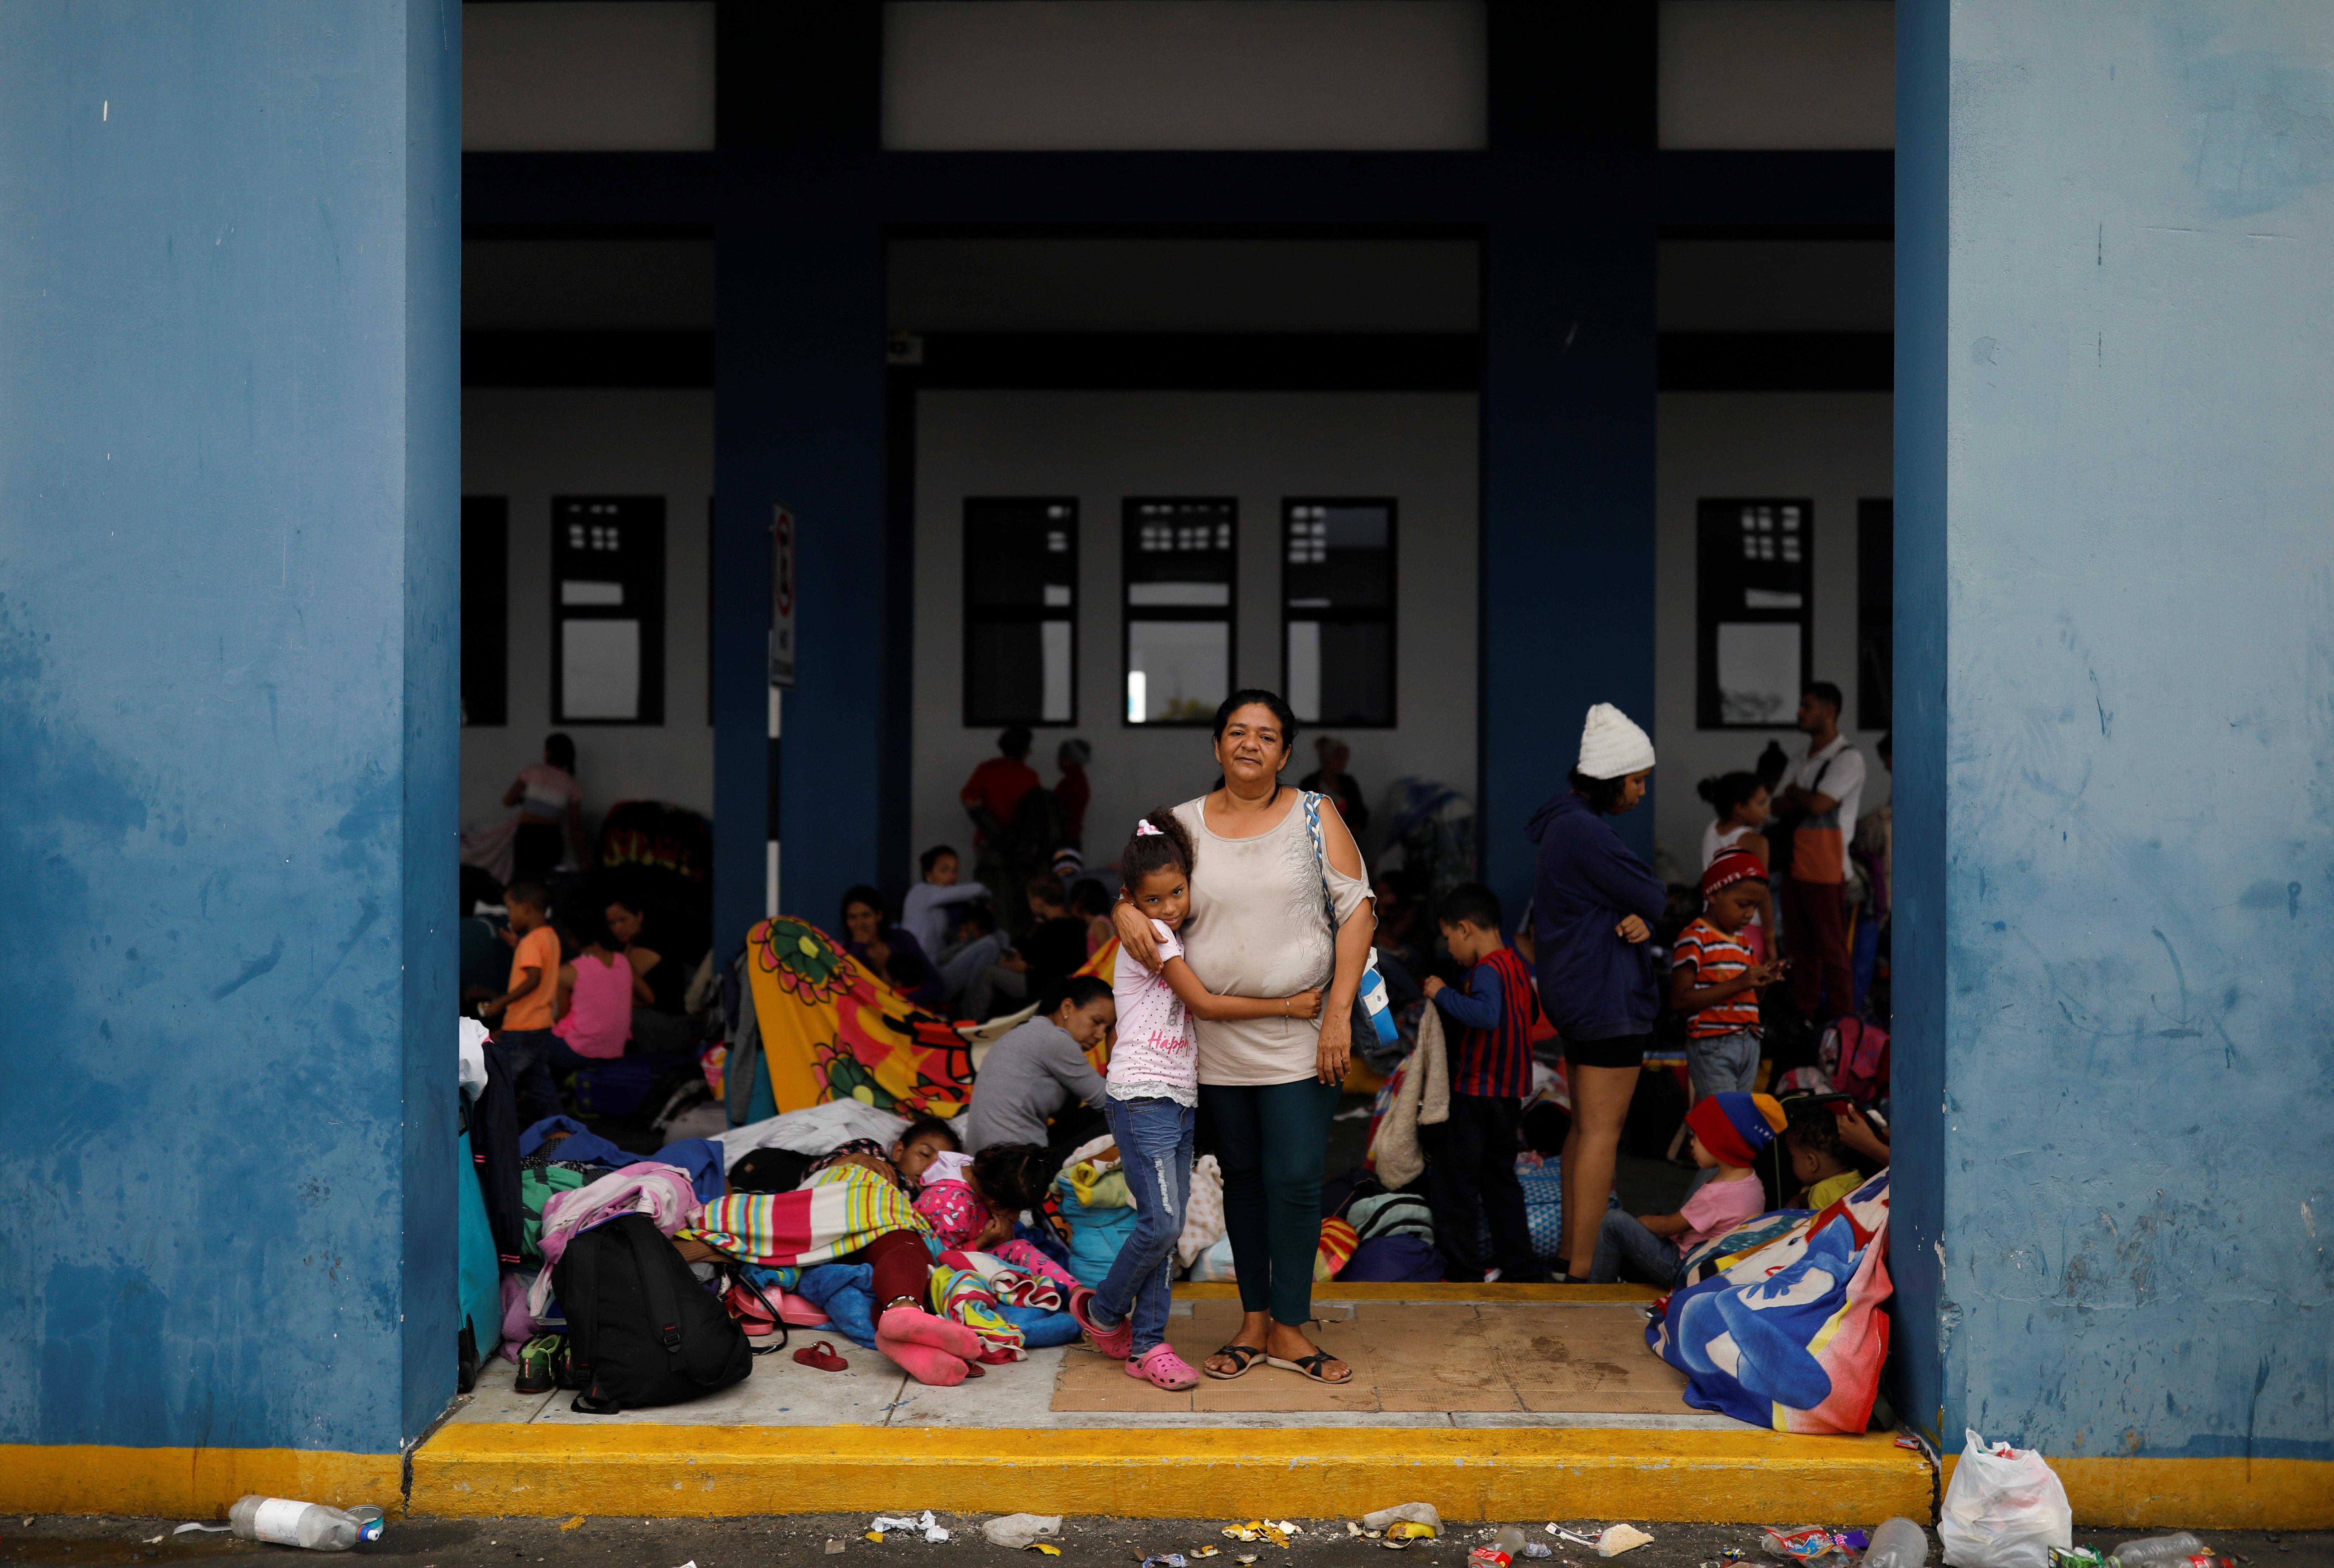 Venezuelan mothers, children in tow, rush to migrate